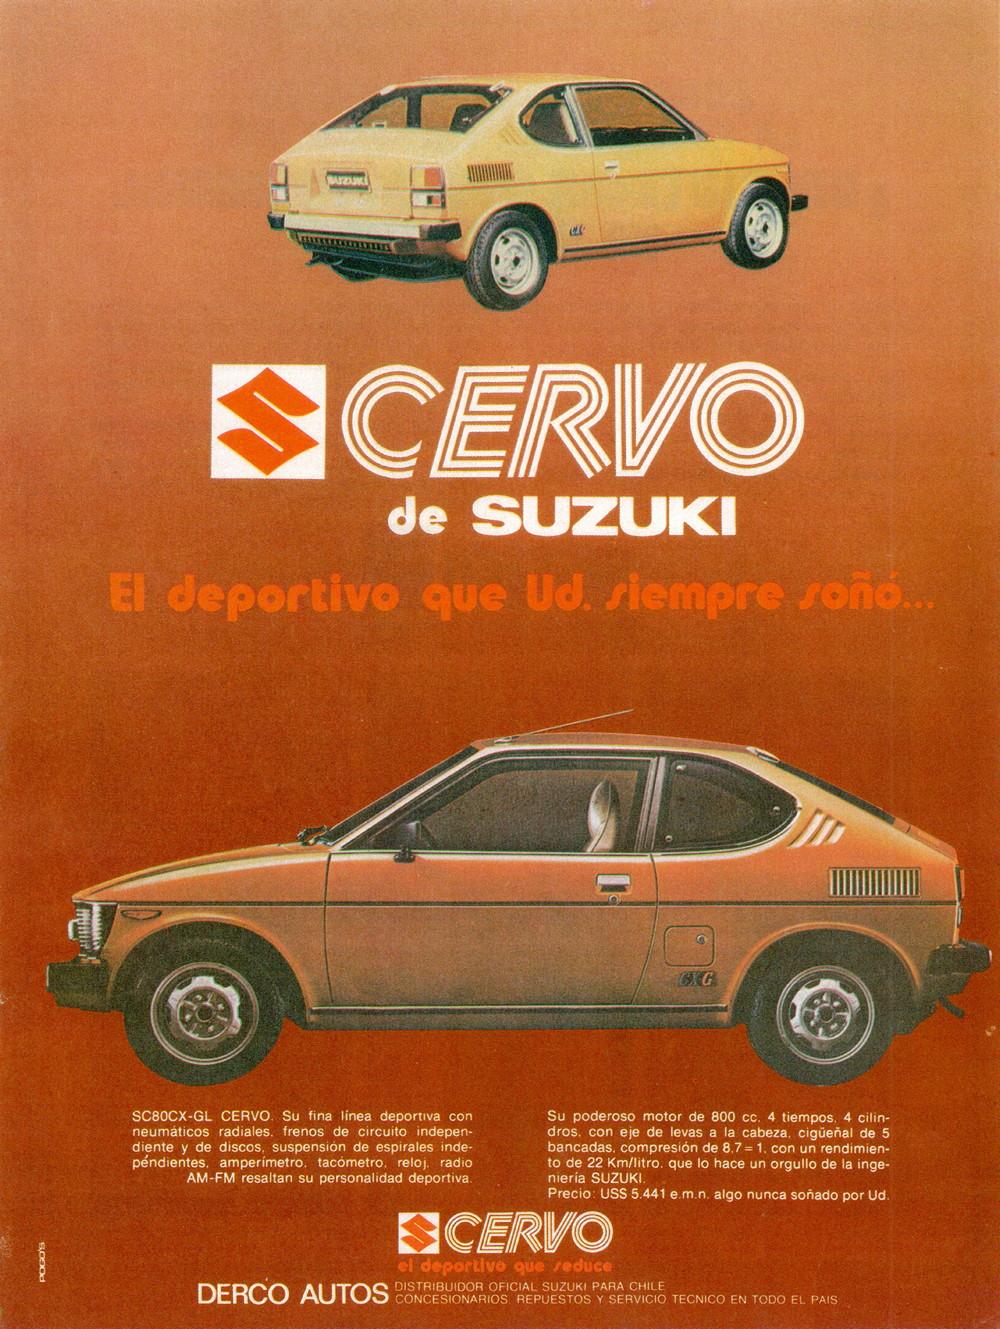 suzuki cervo sc80, chile, south american market, niewielki samochód, klasyczne małe auto